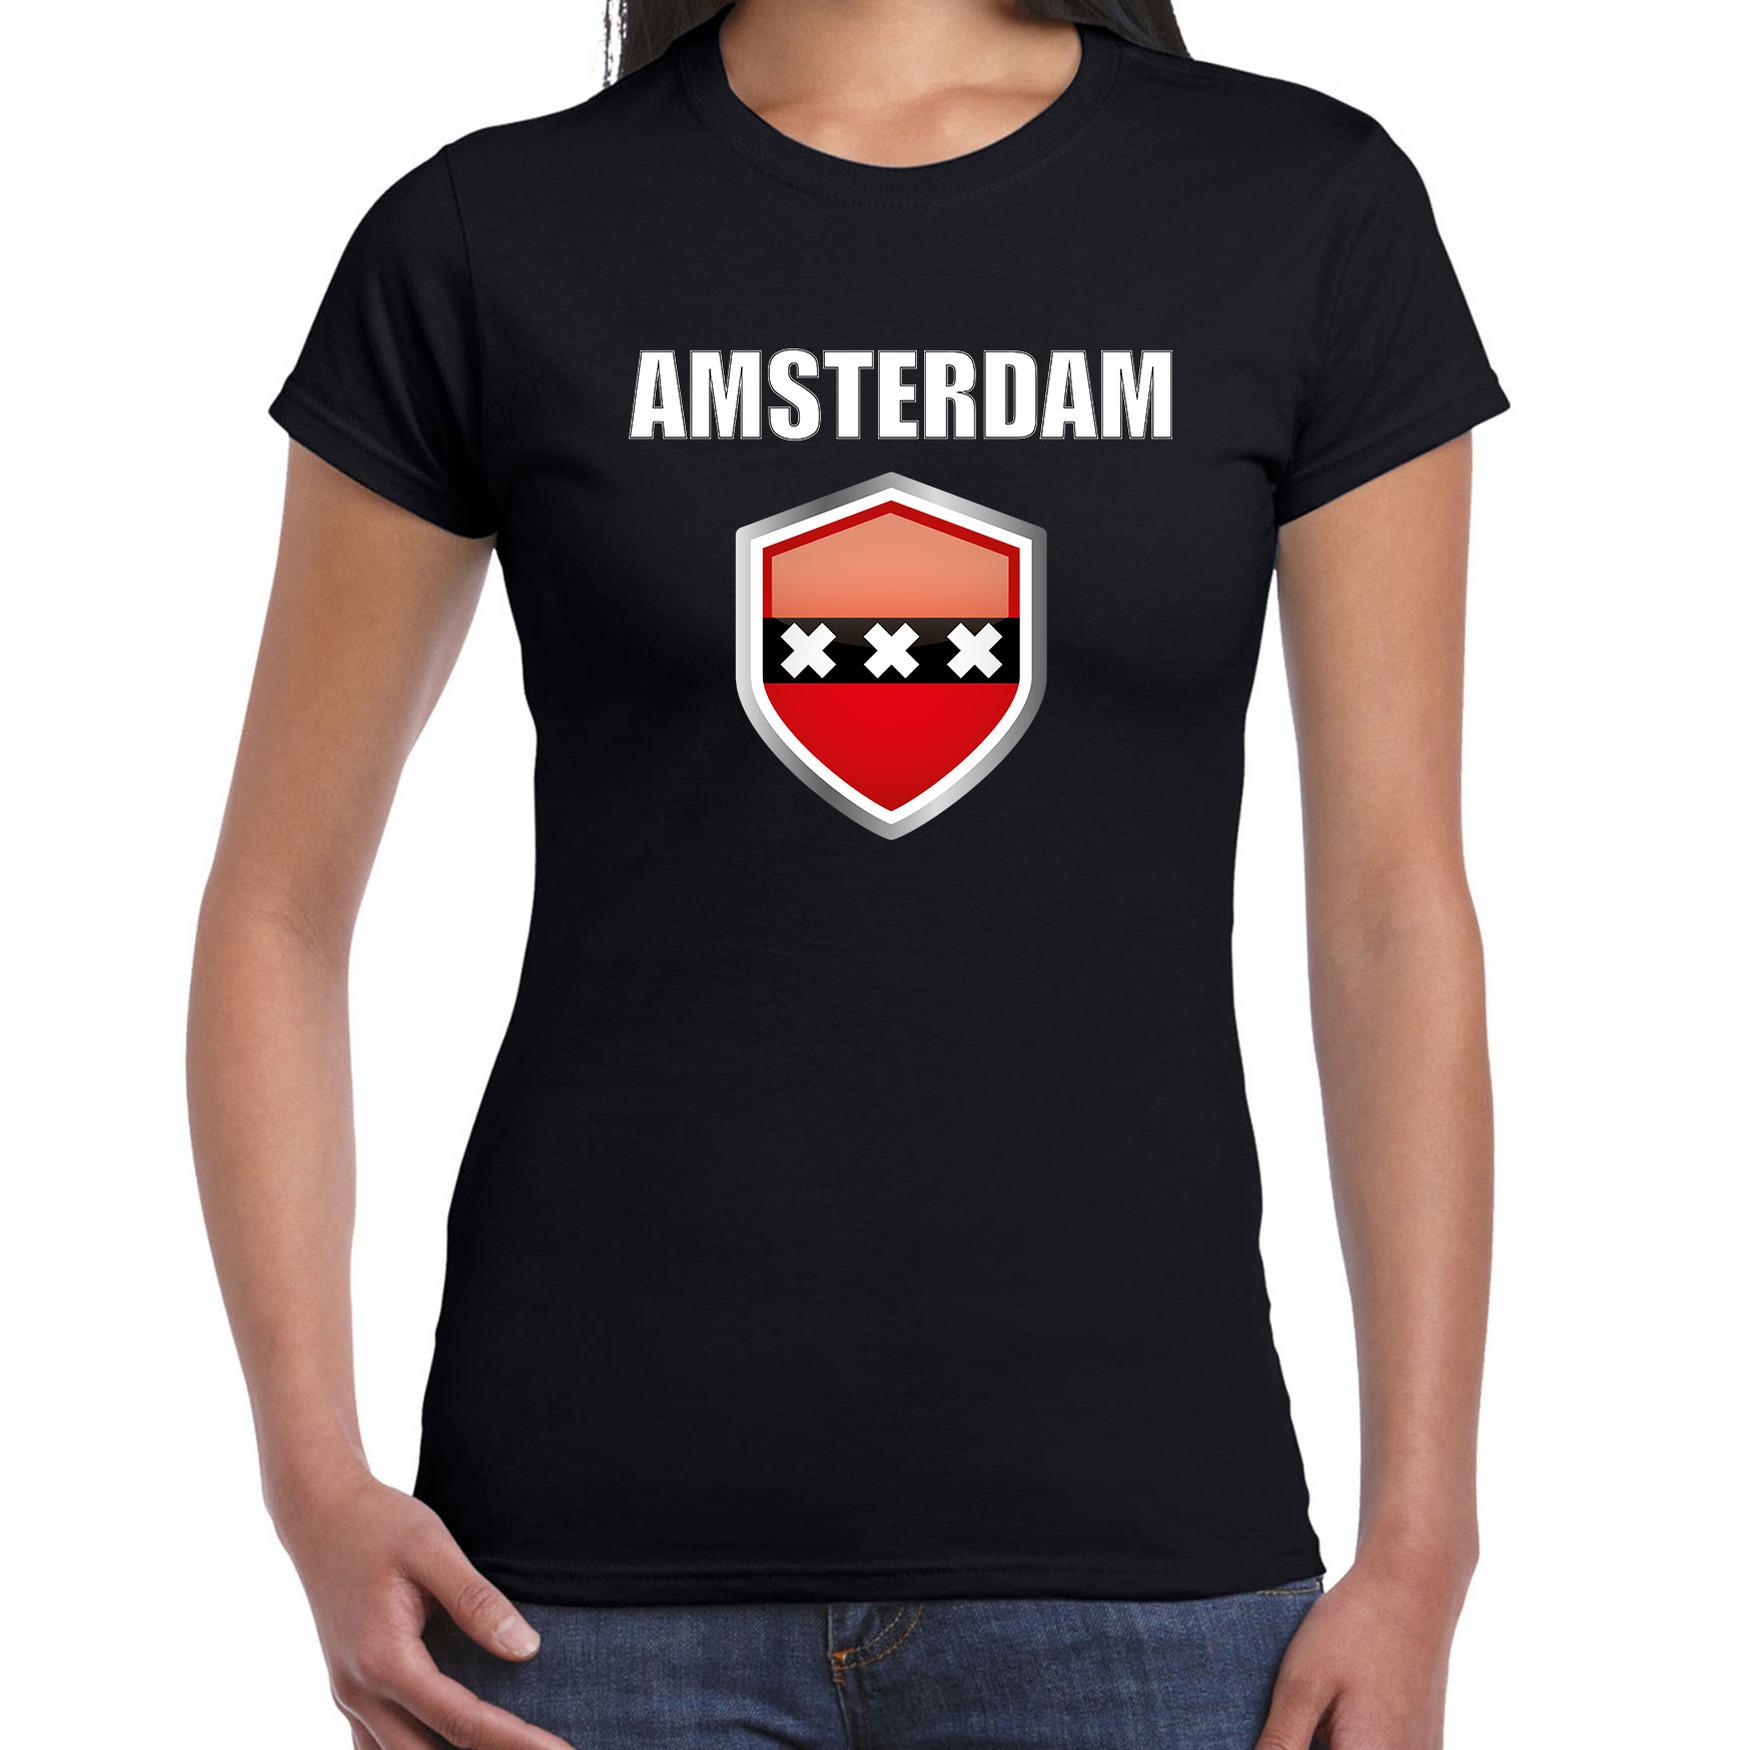 Amsterdam fun supporter t shirt dames met amsterdamse vlag in vlaggenschild